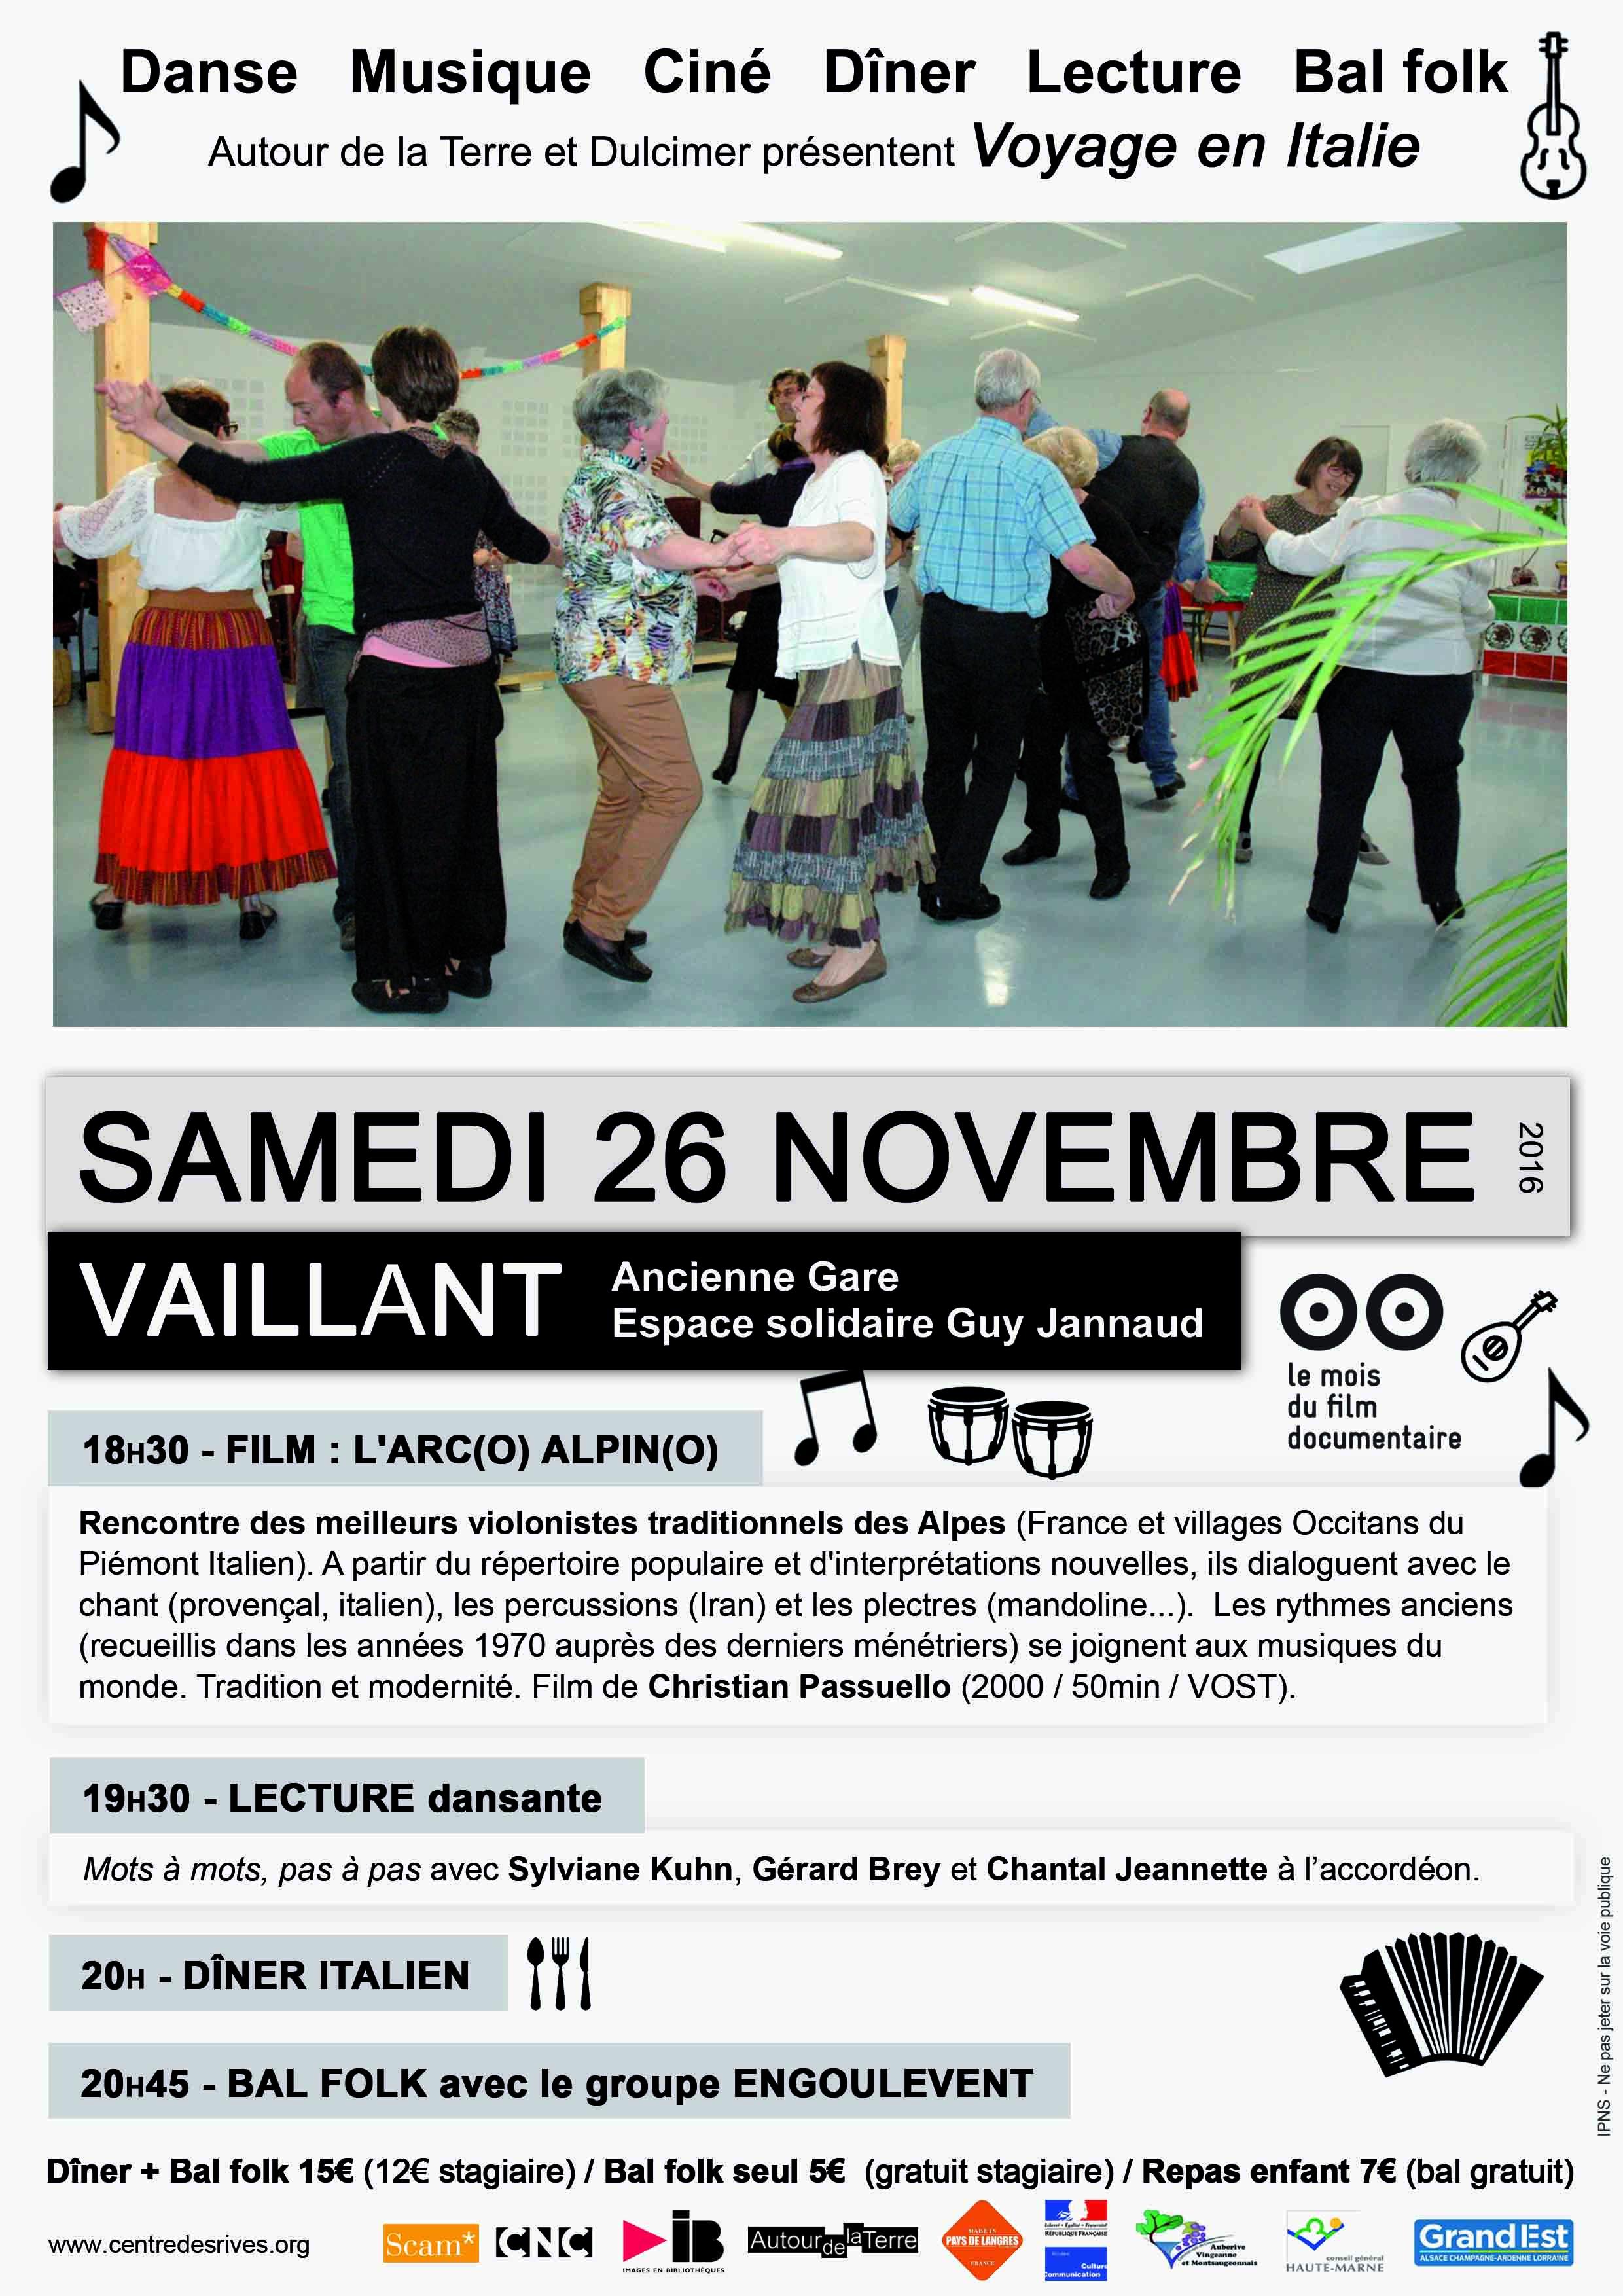 261116-vaillant_danseitalienne_bq